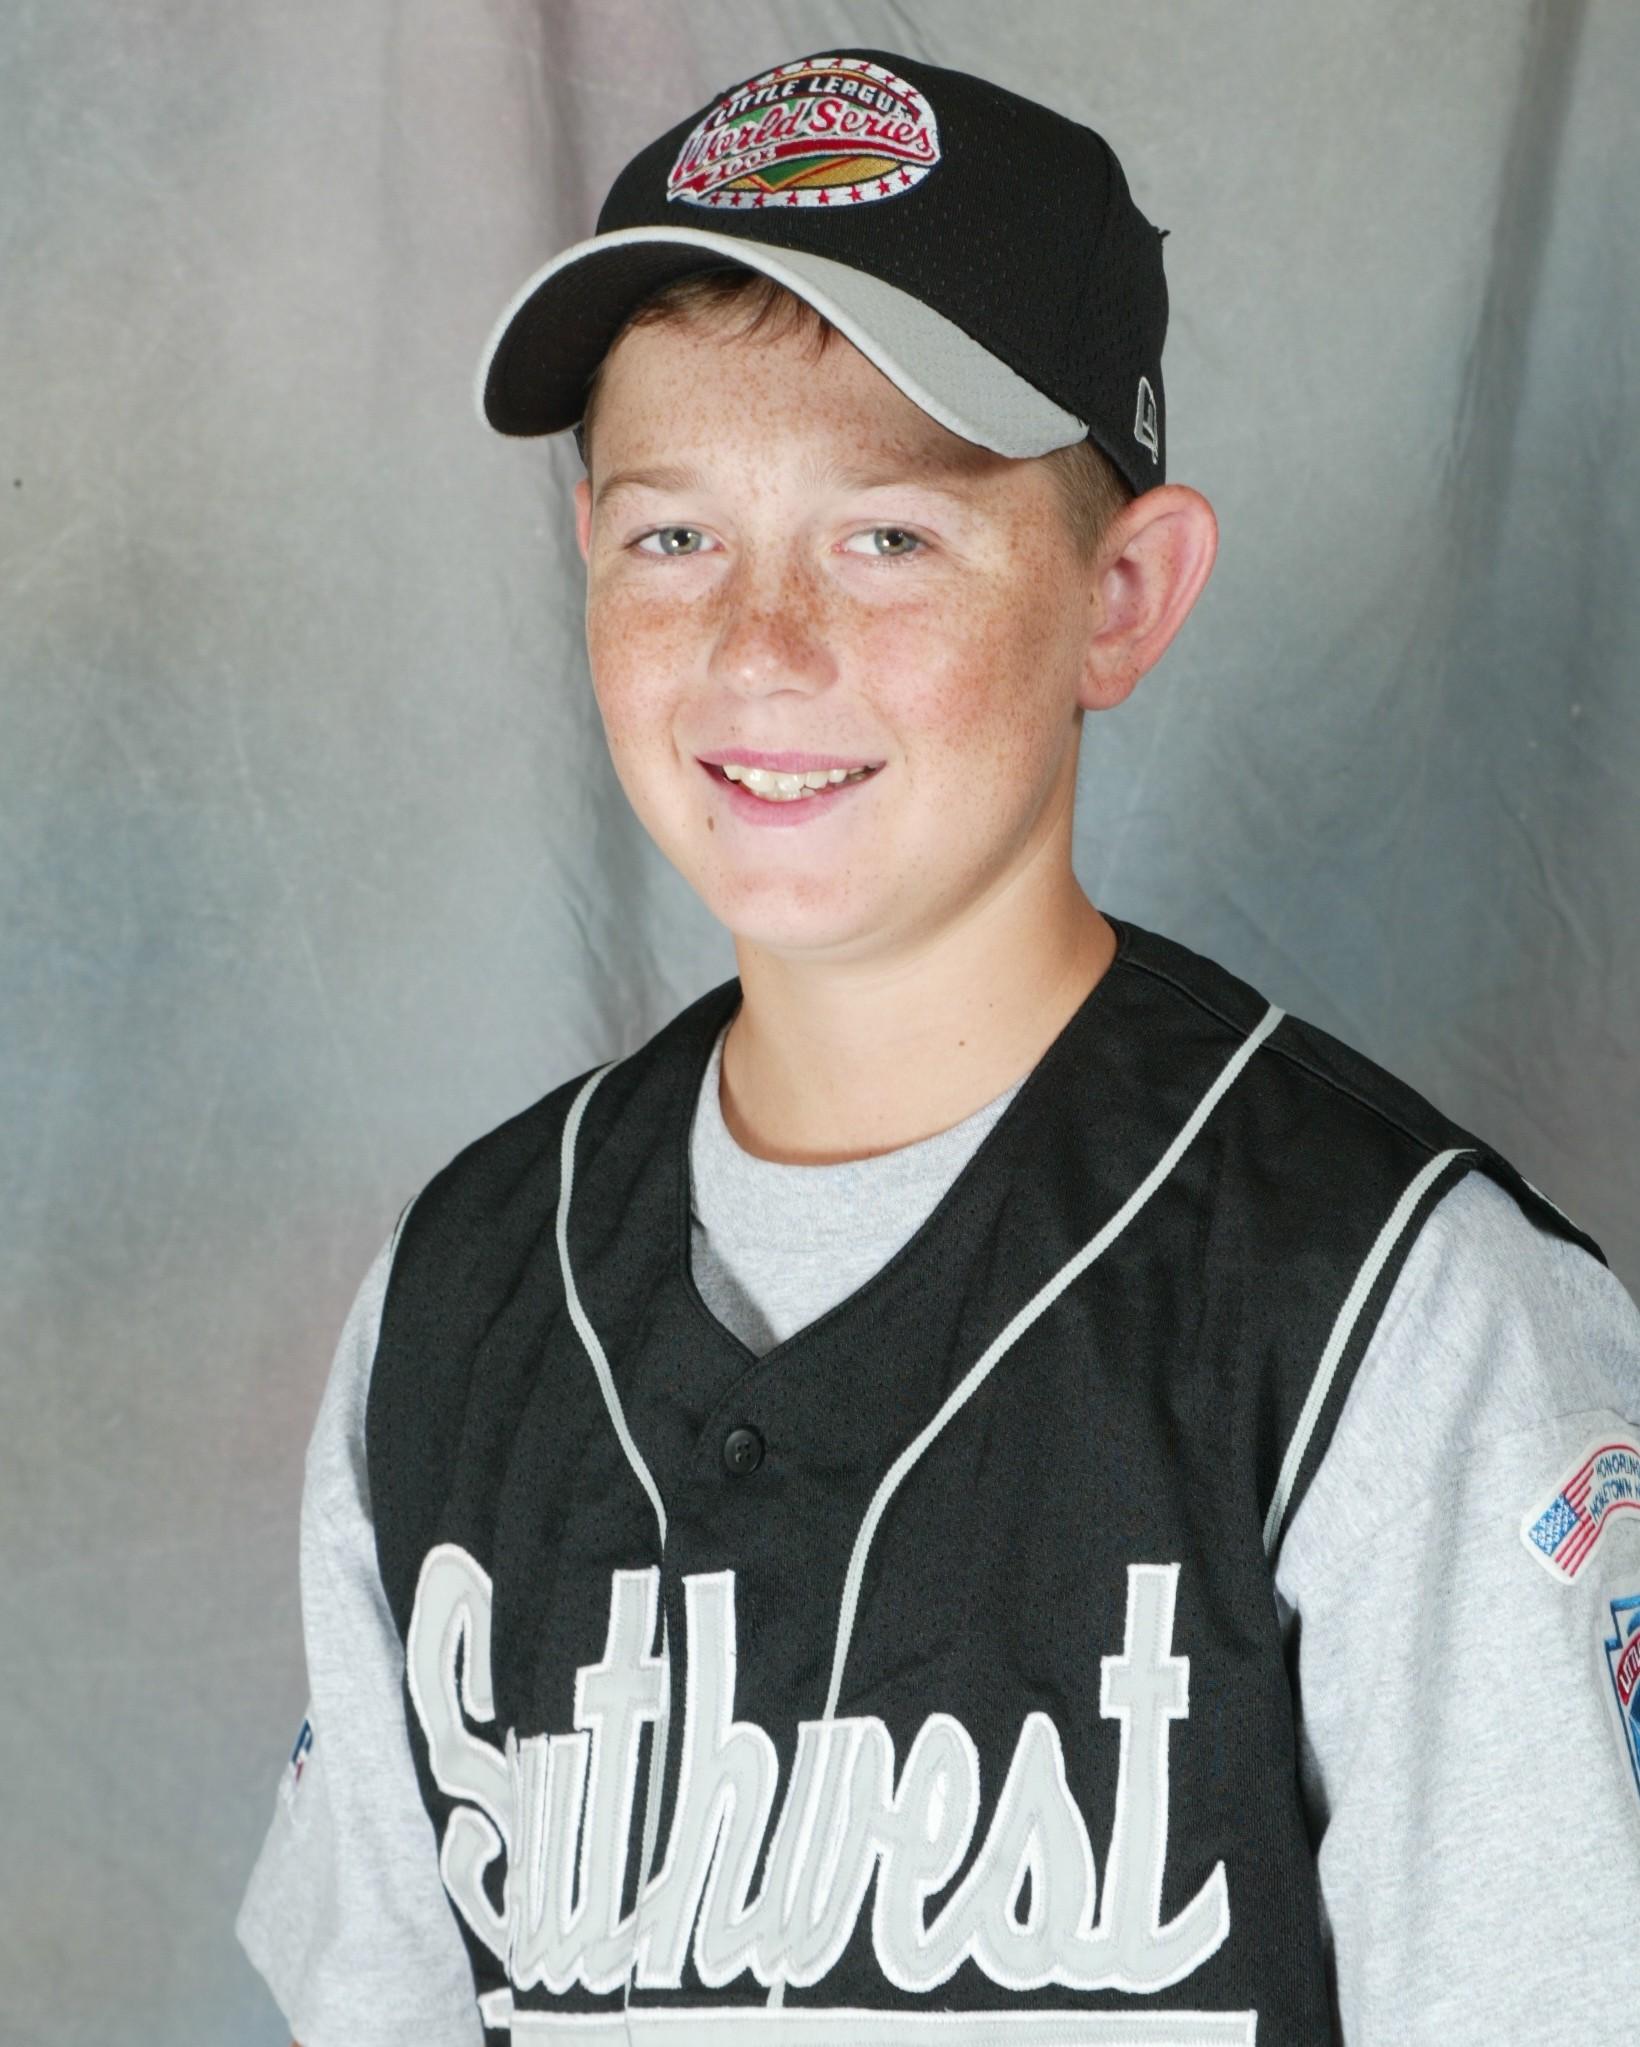 Brady Rodgers